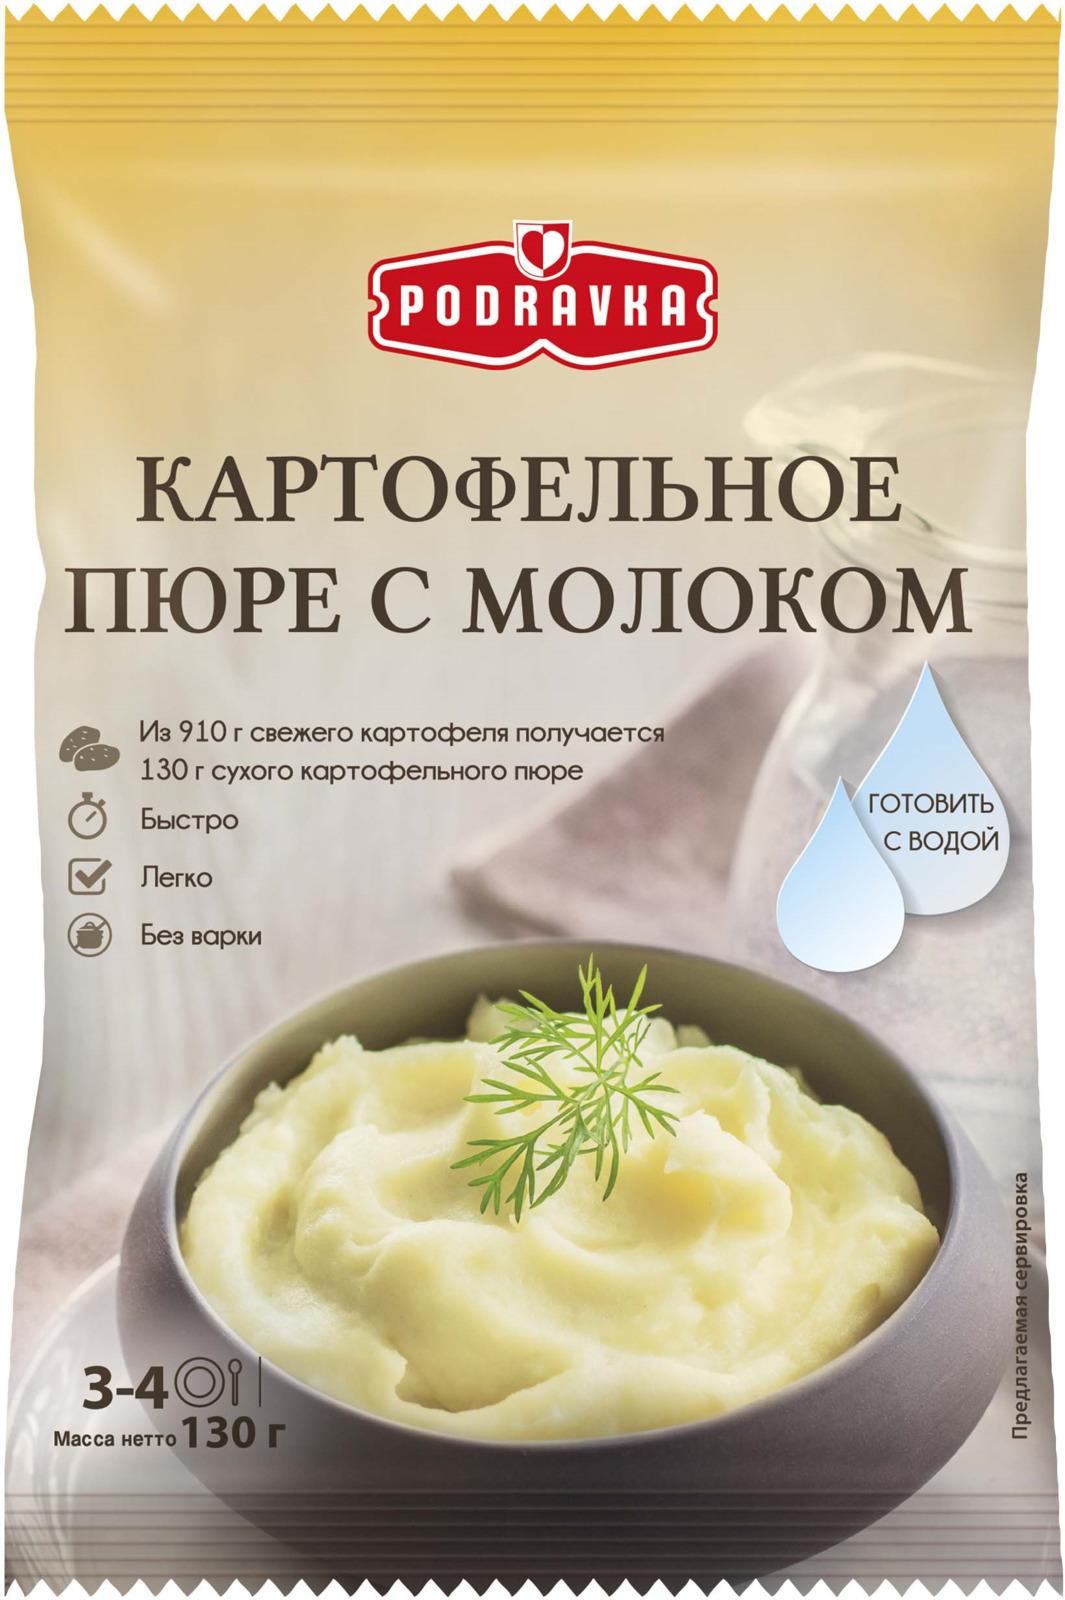 Podravka Картофельное пюре с молоком, 130 г пюре podravka картофельное